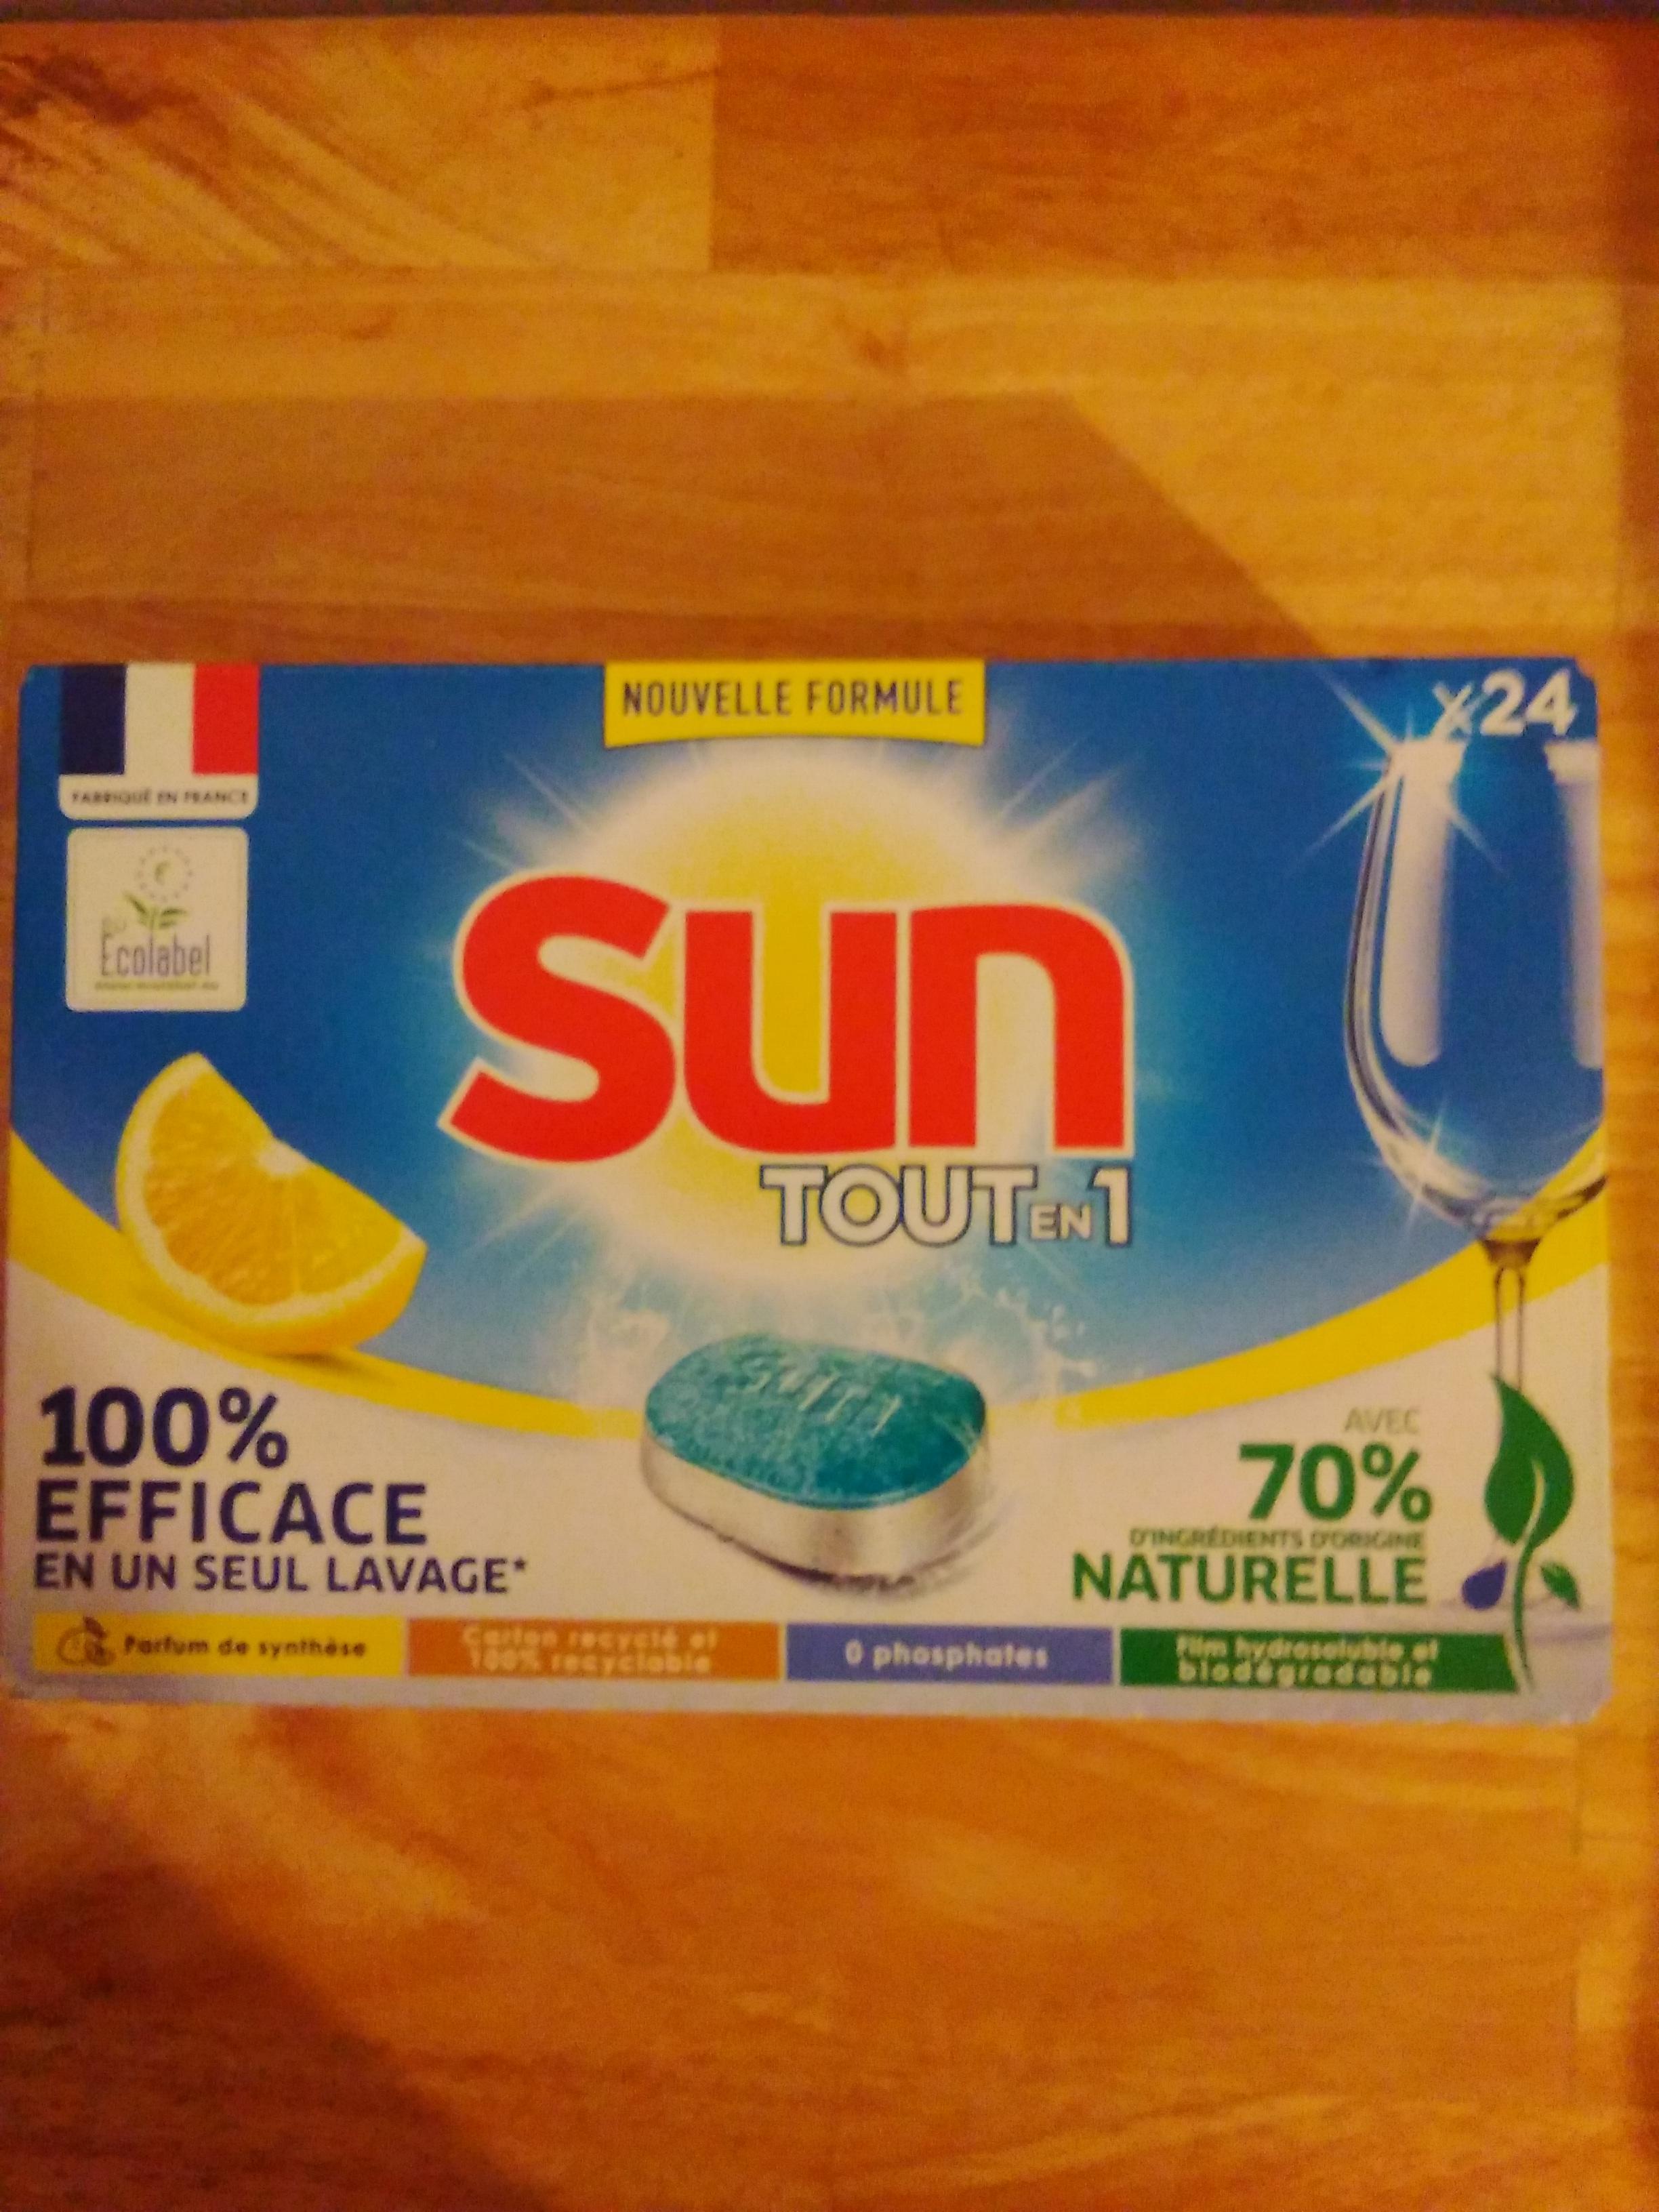 troc de troc tablette lave vaisselle no2 image 0